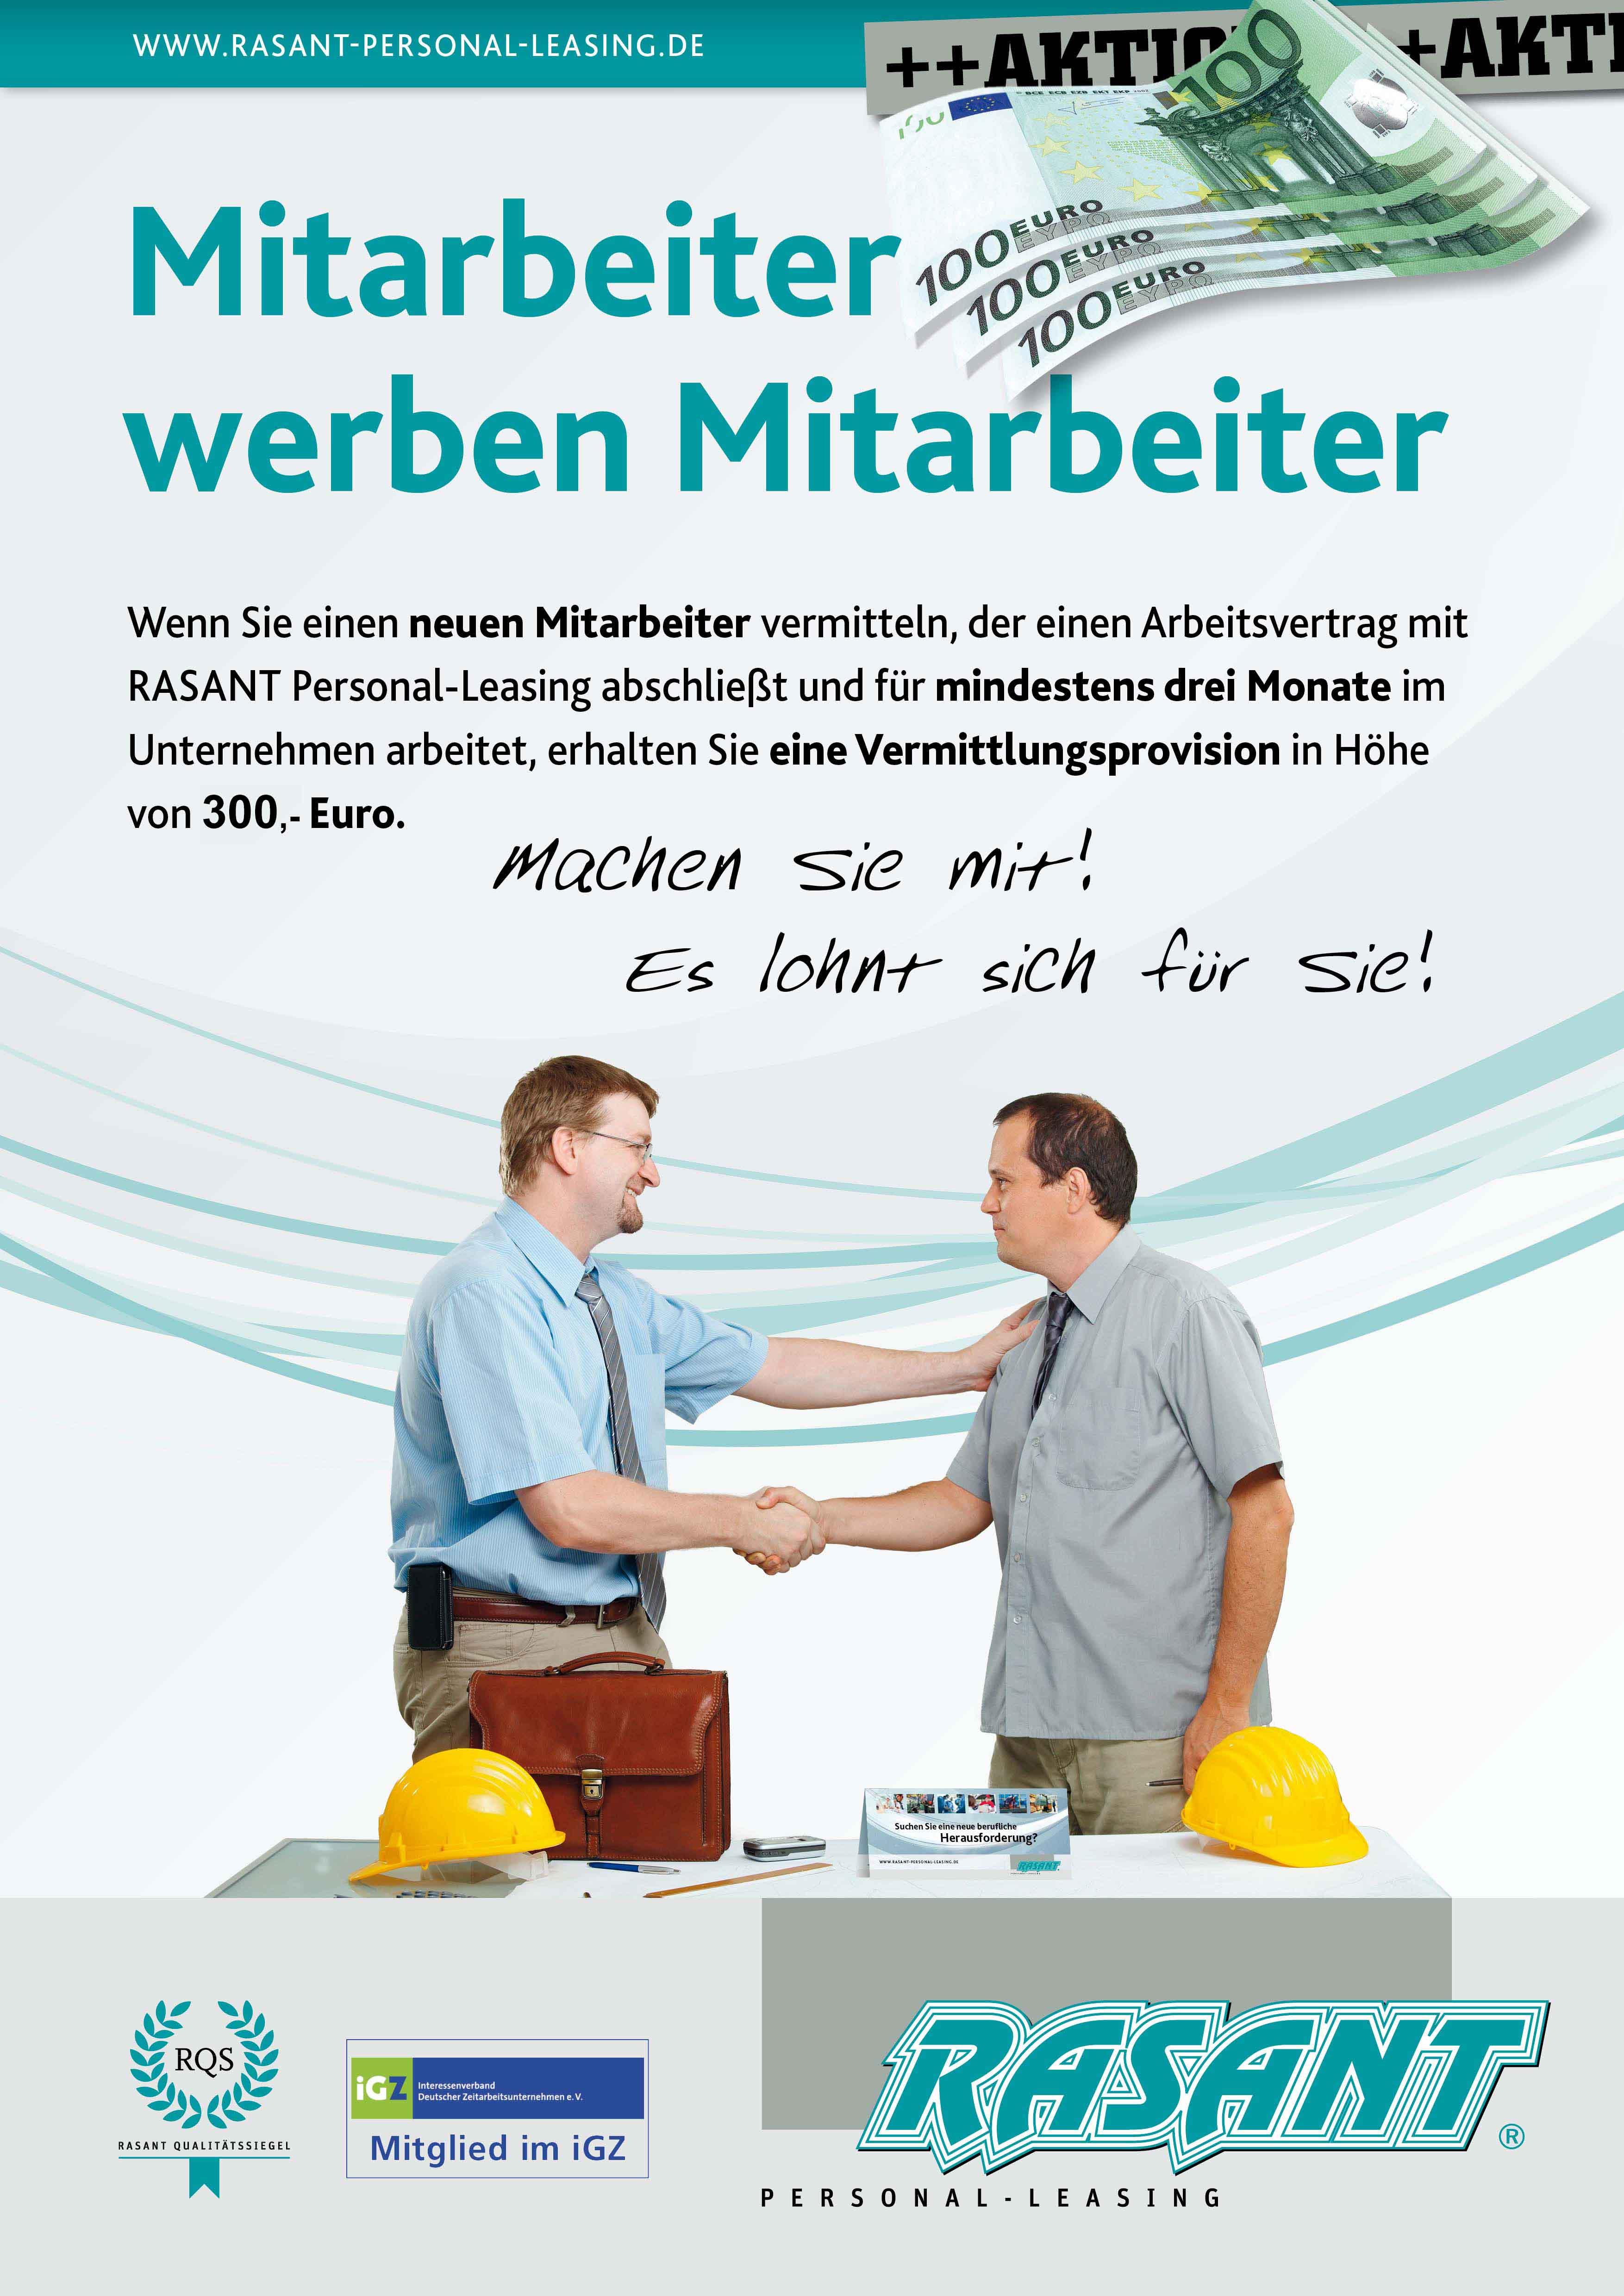 Mitarbeiter werben Mitarbeiter 300 EURO